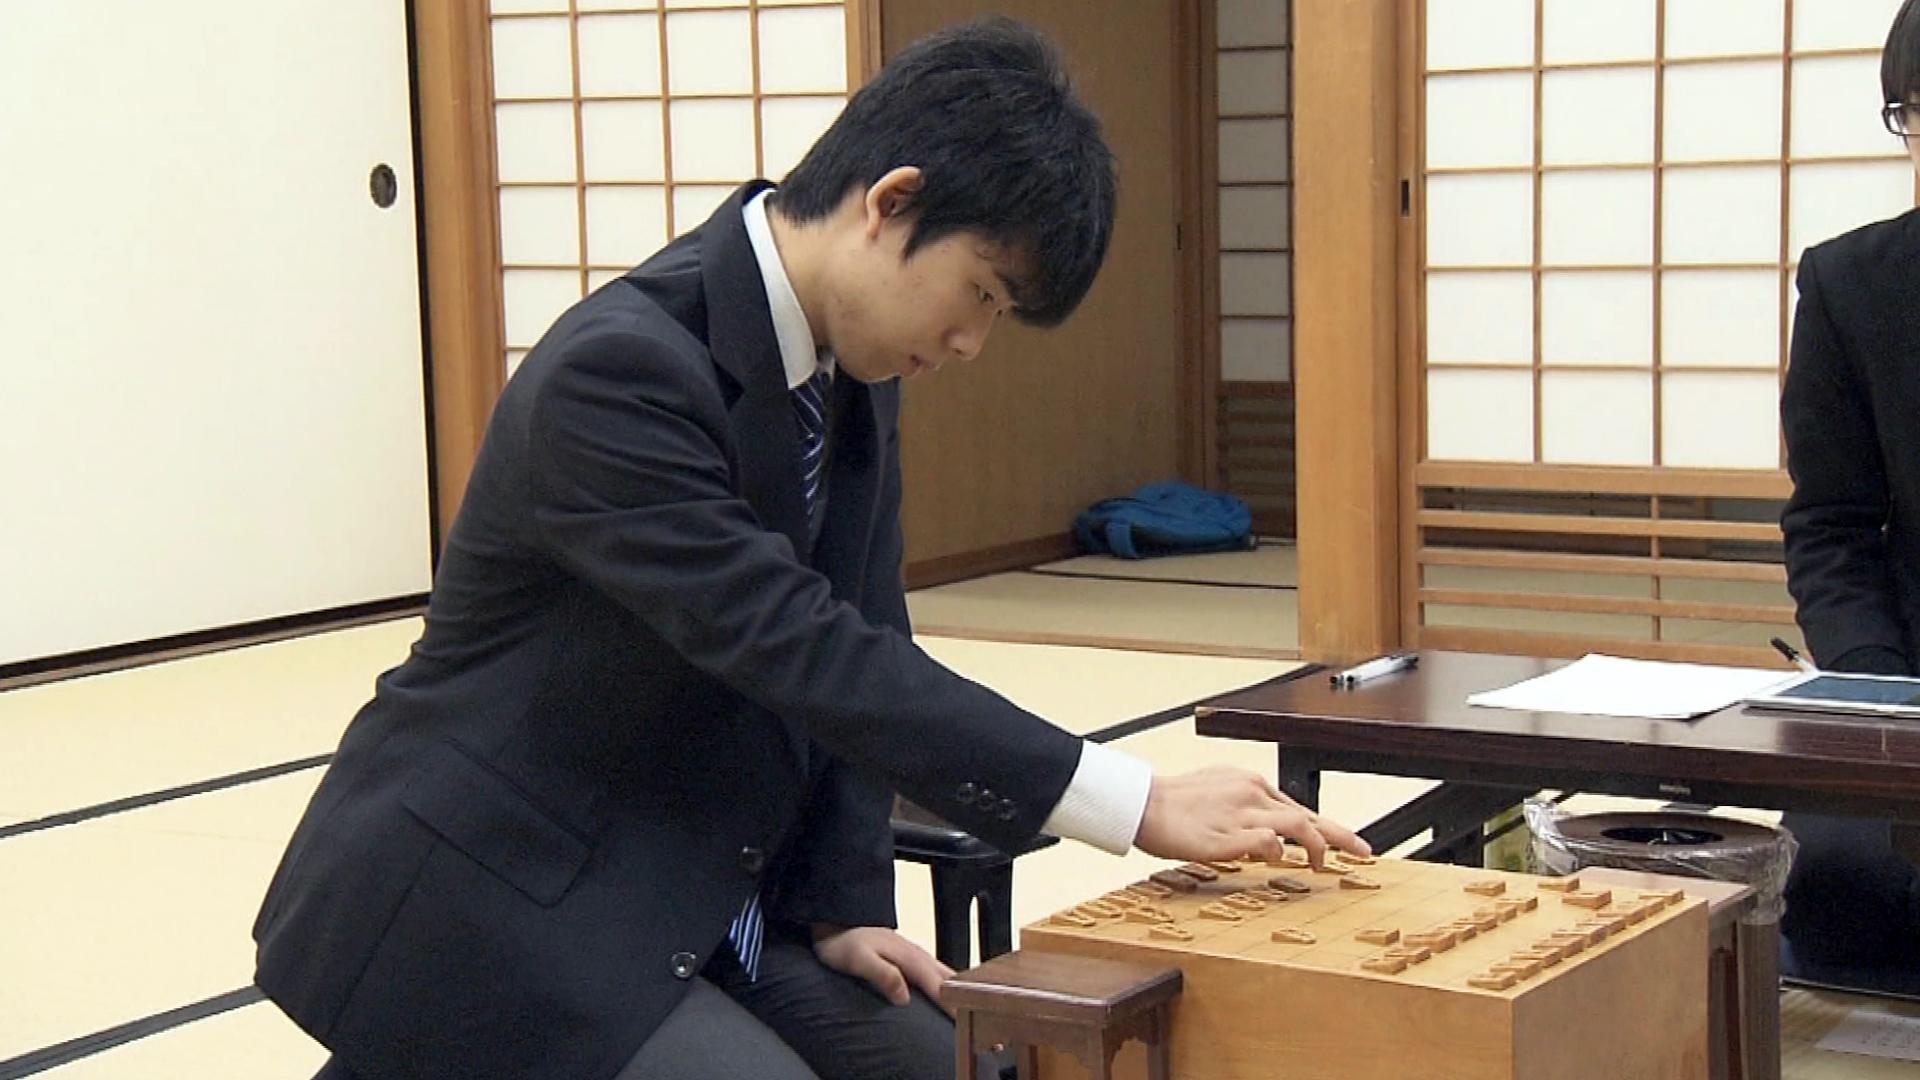 14歳棋士・知られざる偉業への道 ~歴代最多28連勝・藤井聡太~